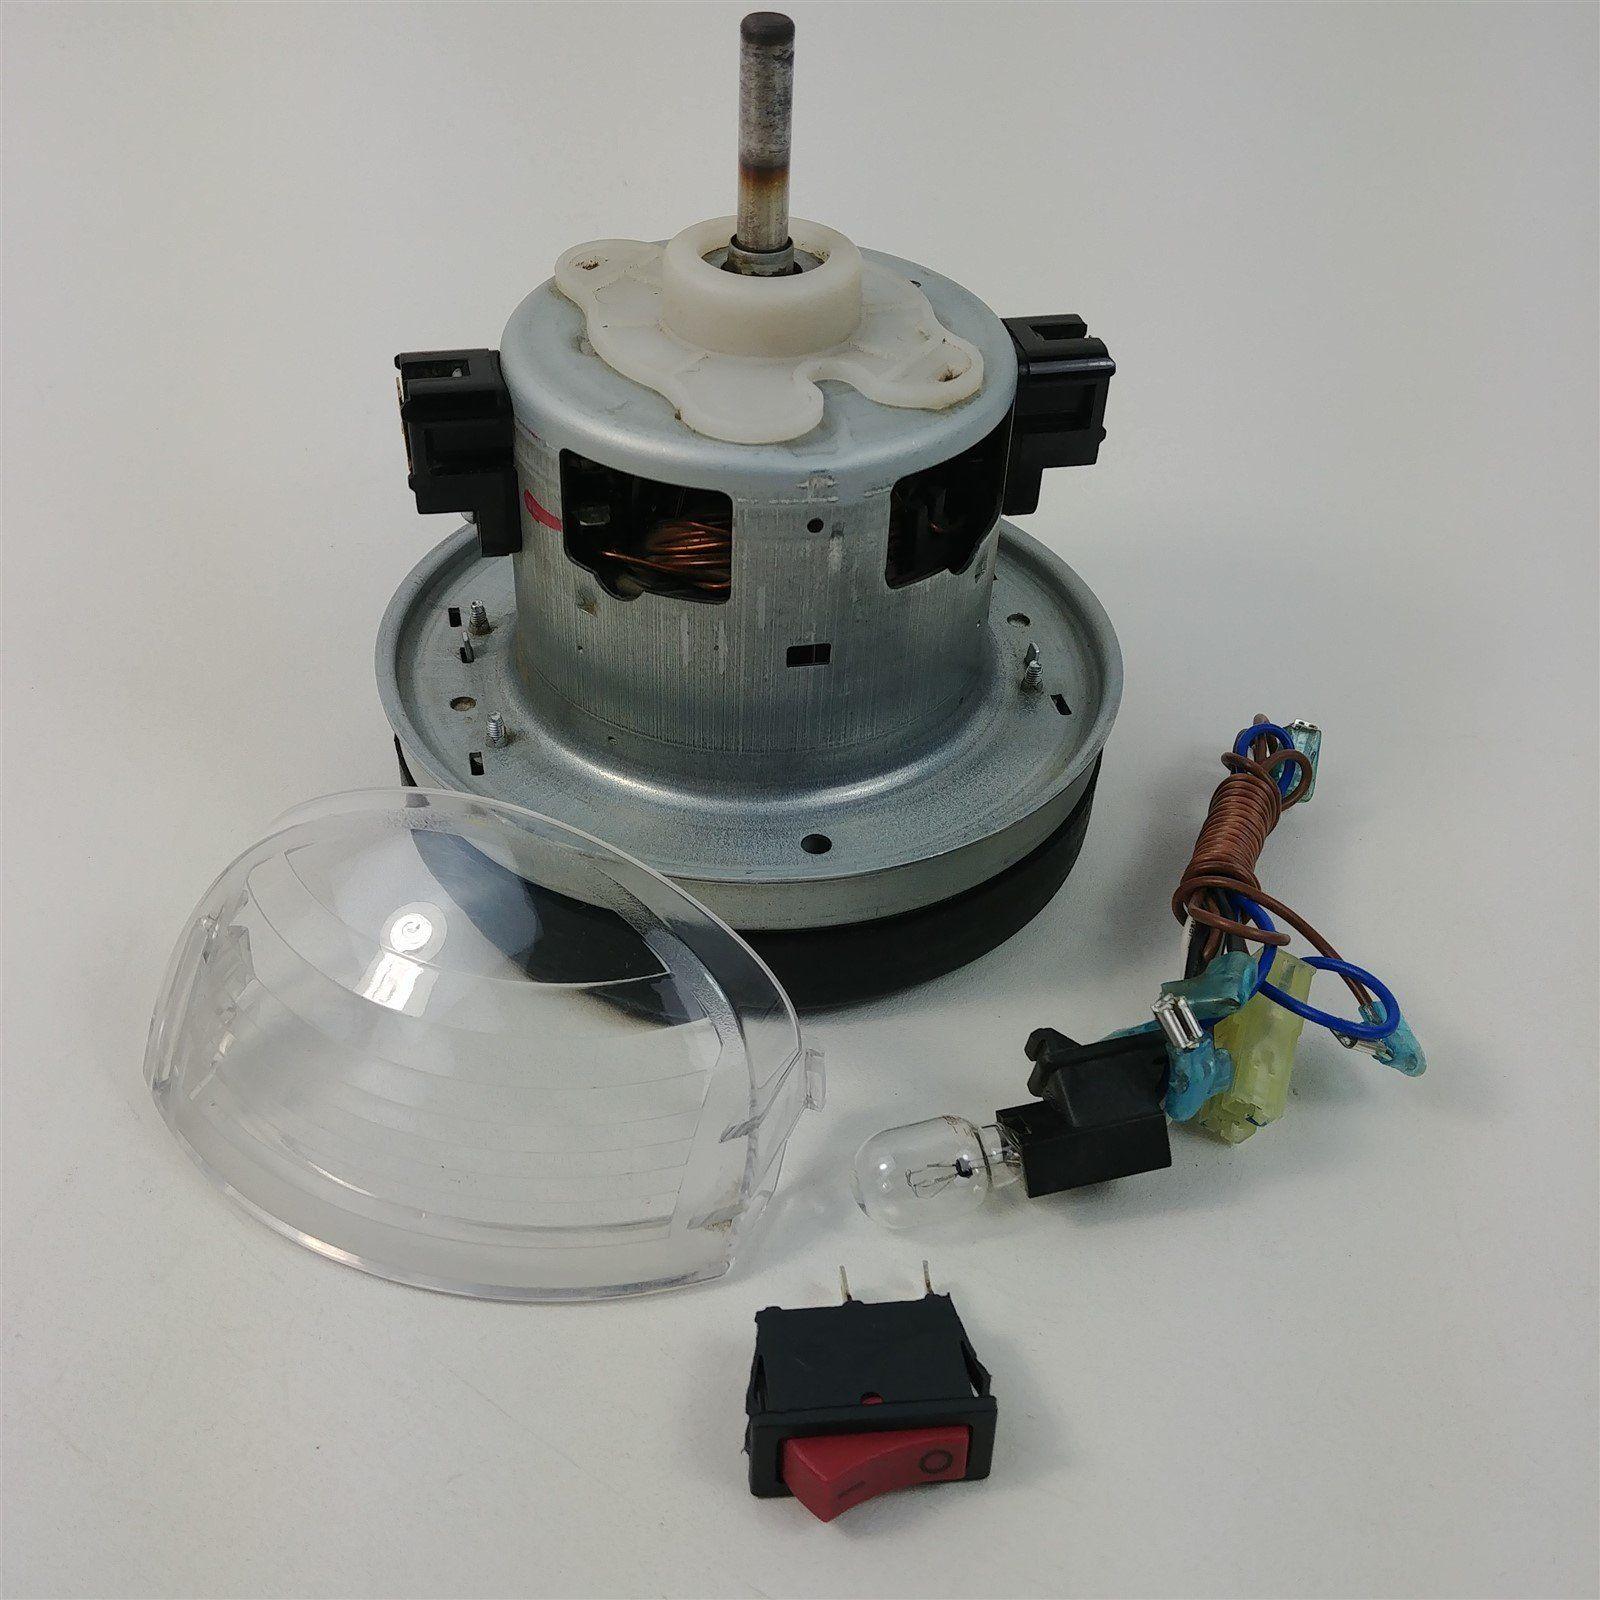 Bissell Rewind Cleanview Pet Vacuum Model 18m9x Part Motor W 12 Volt W Headlamp In 2020 Pet Vacuum Vacuums Headlamp